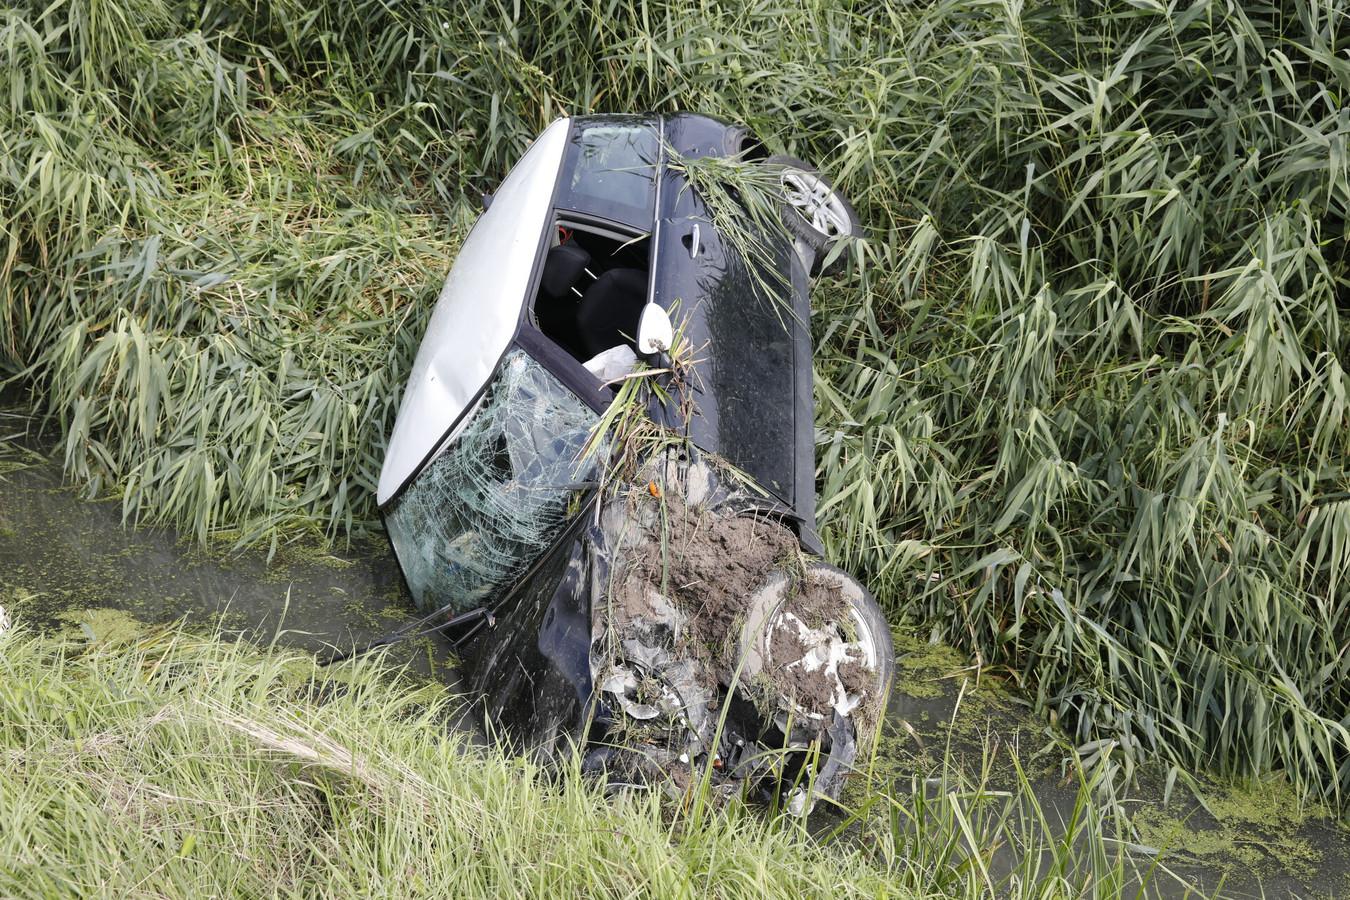 De Mini Cooper liep veel schade op.